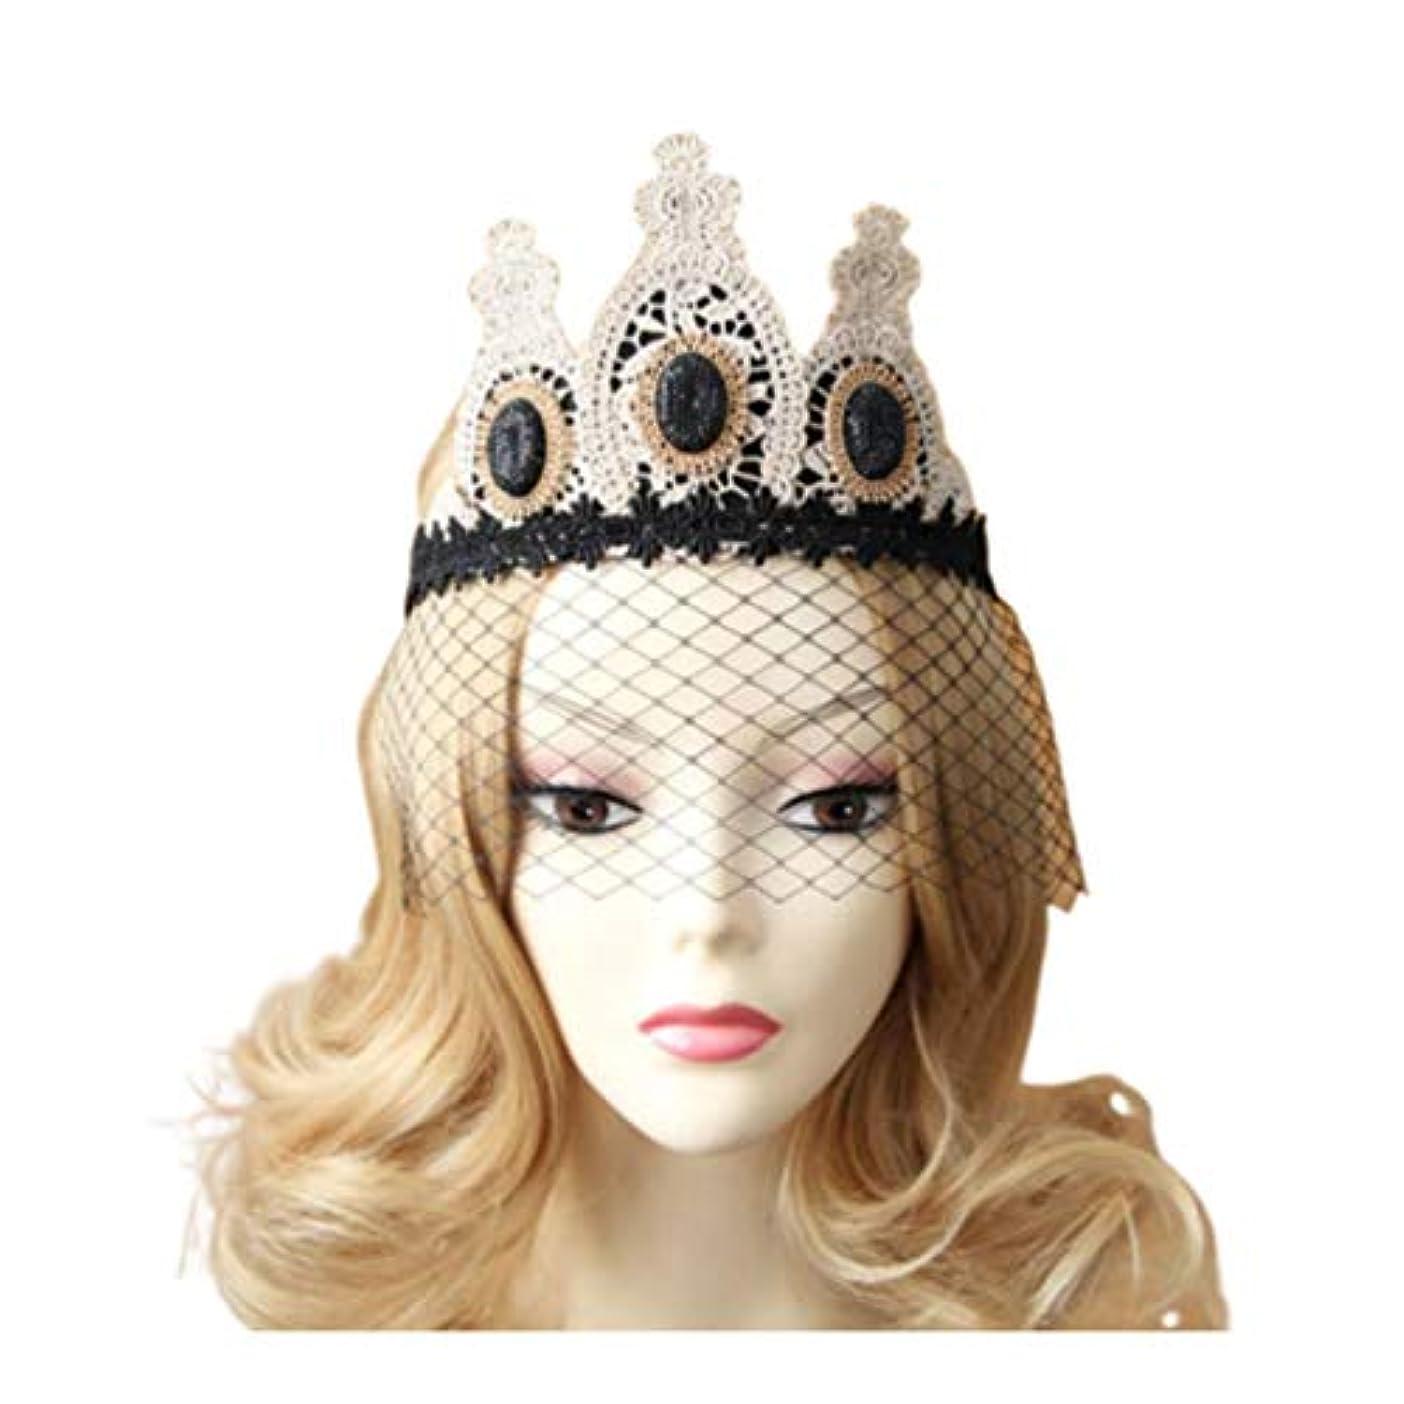 感度エイリアン求人Lurrose レースクラウンヴィンテージゴシックメッシュベールヘッドバンドレースベール帽子ハロウィンヘア装飾用女性女性